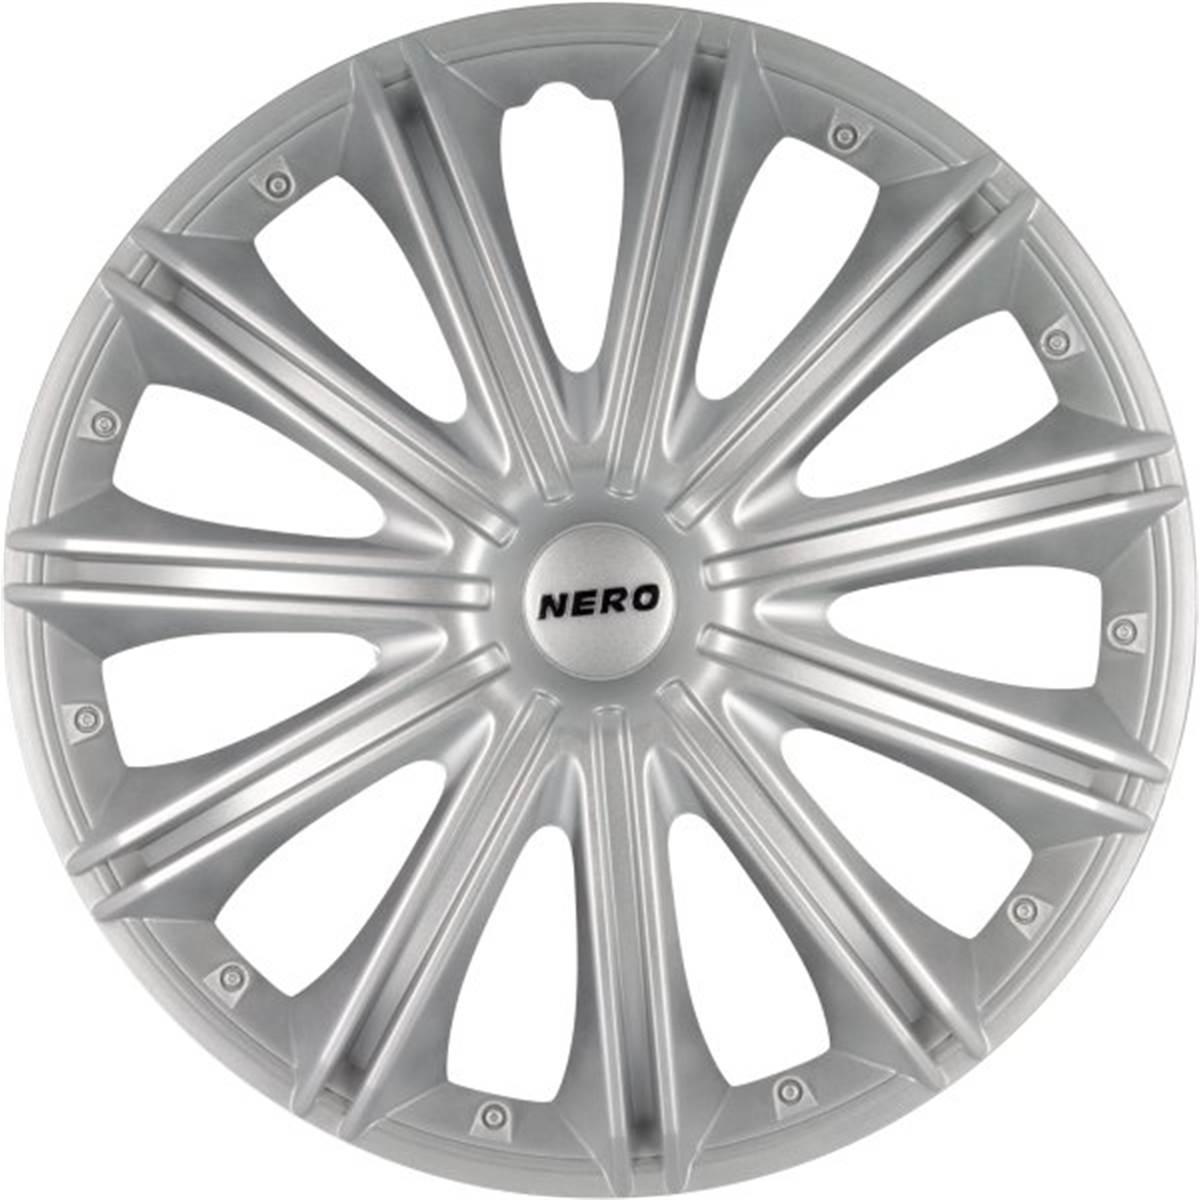 4 Enjoliveurs Nero pour roue de 14 pouces